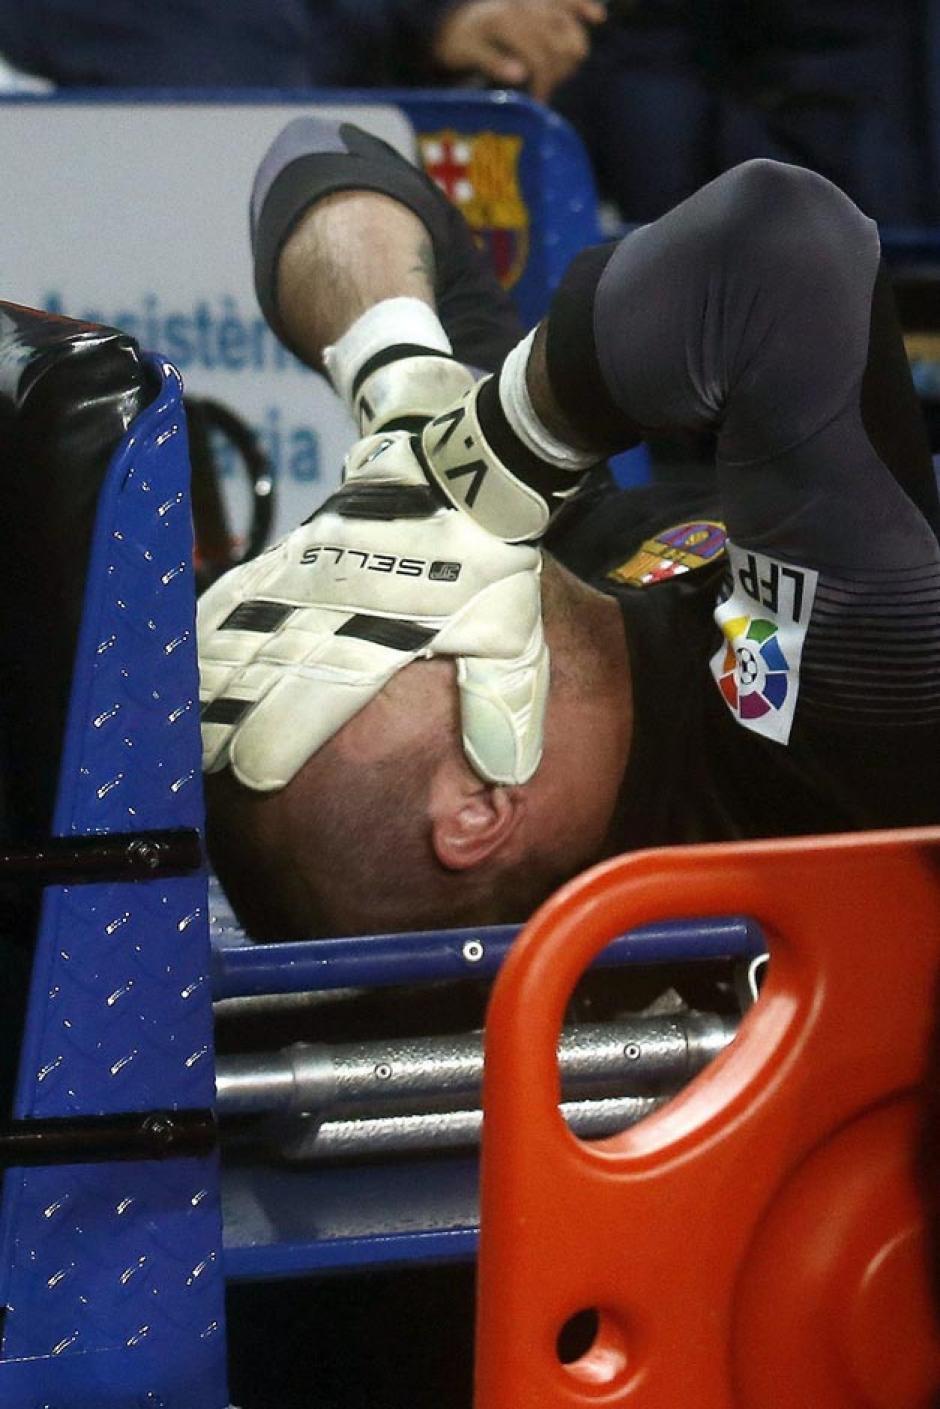 El guardameta Víctor Valdés se lesionó al minuto 21 y fue sustituido al 24' por Pinto. (Foto: EFE)